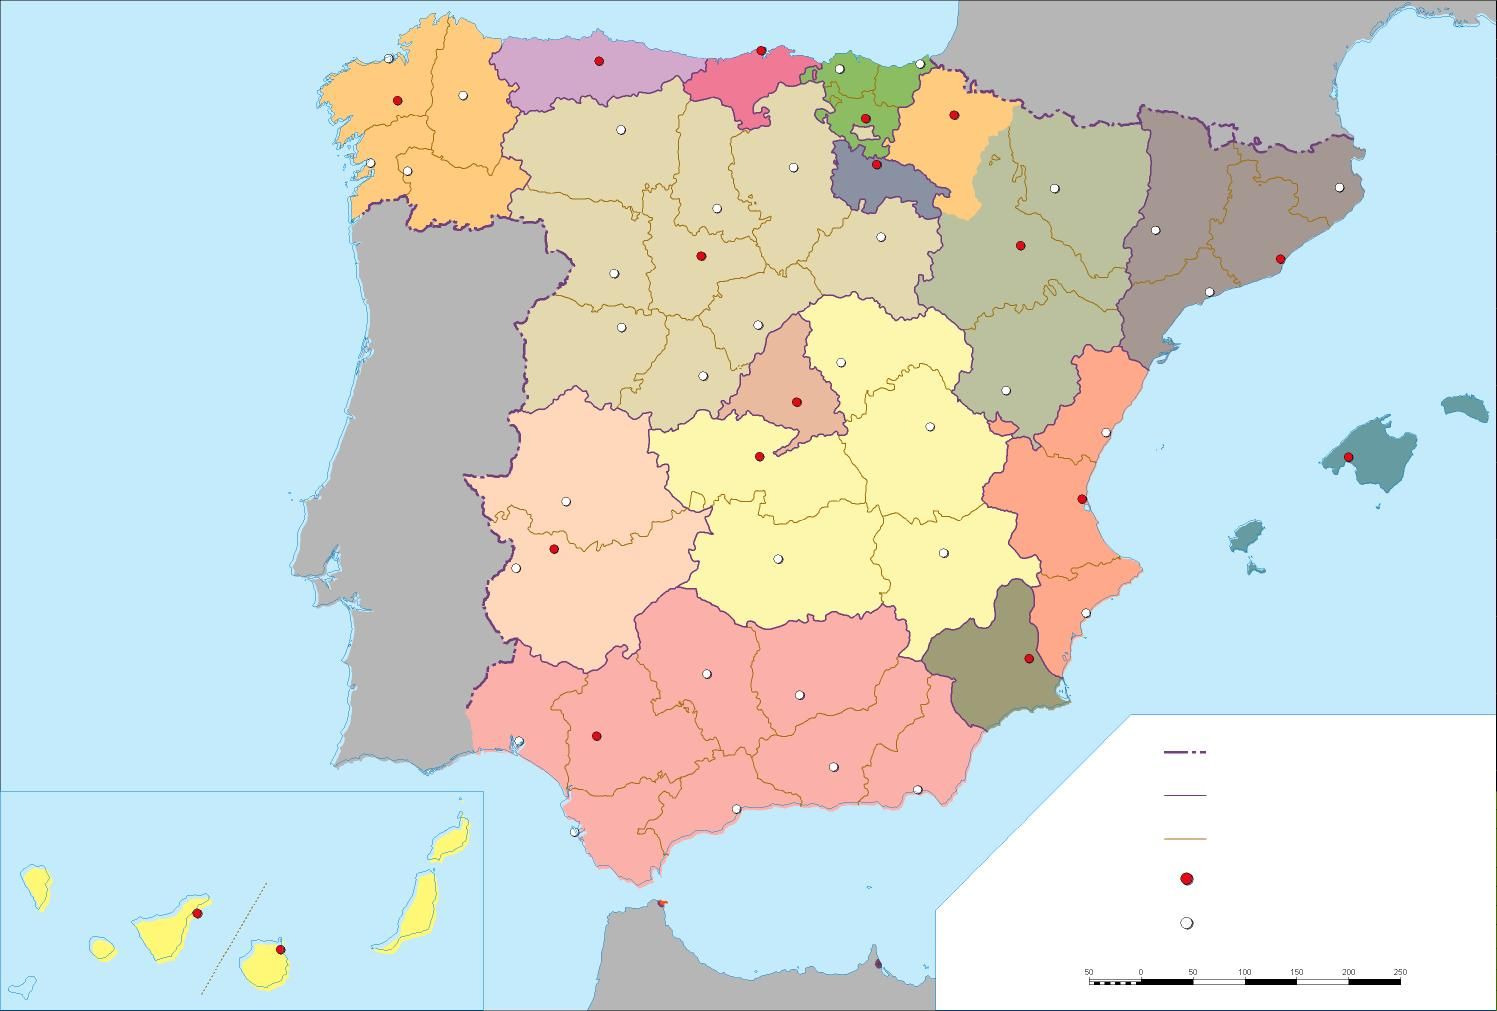 Www Mapa De Espana.Mapa Politico Mudo De Espana Anto Rodriguez